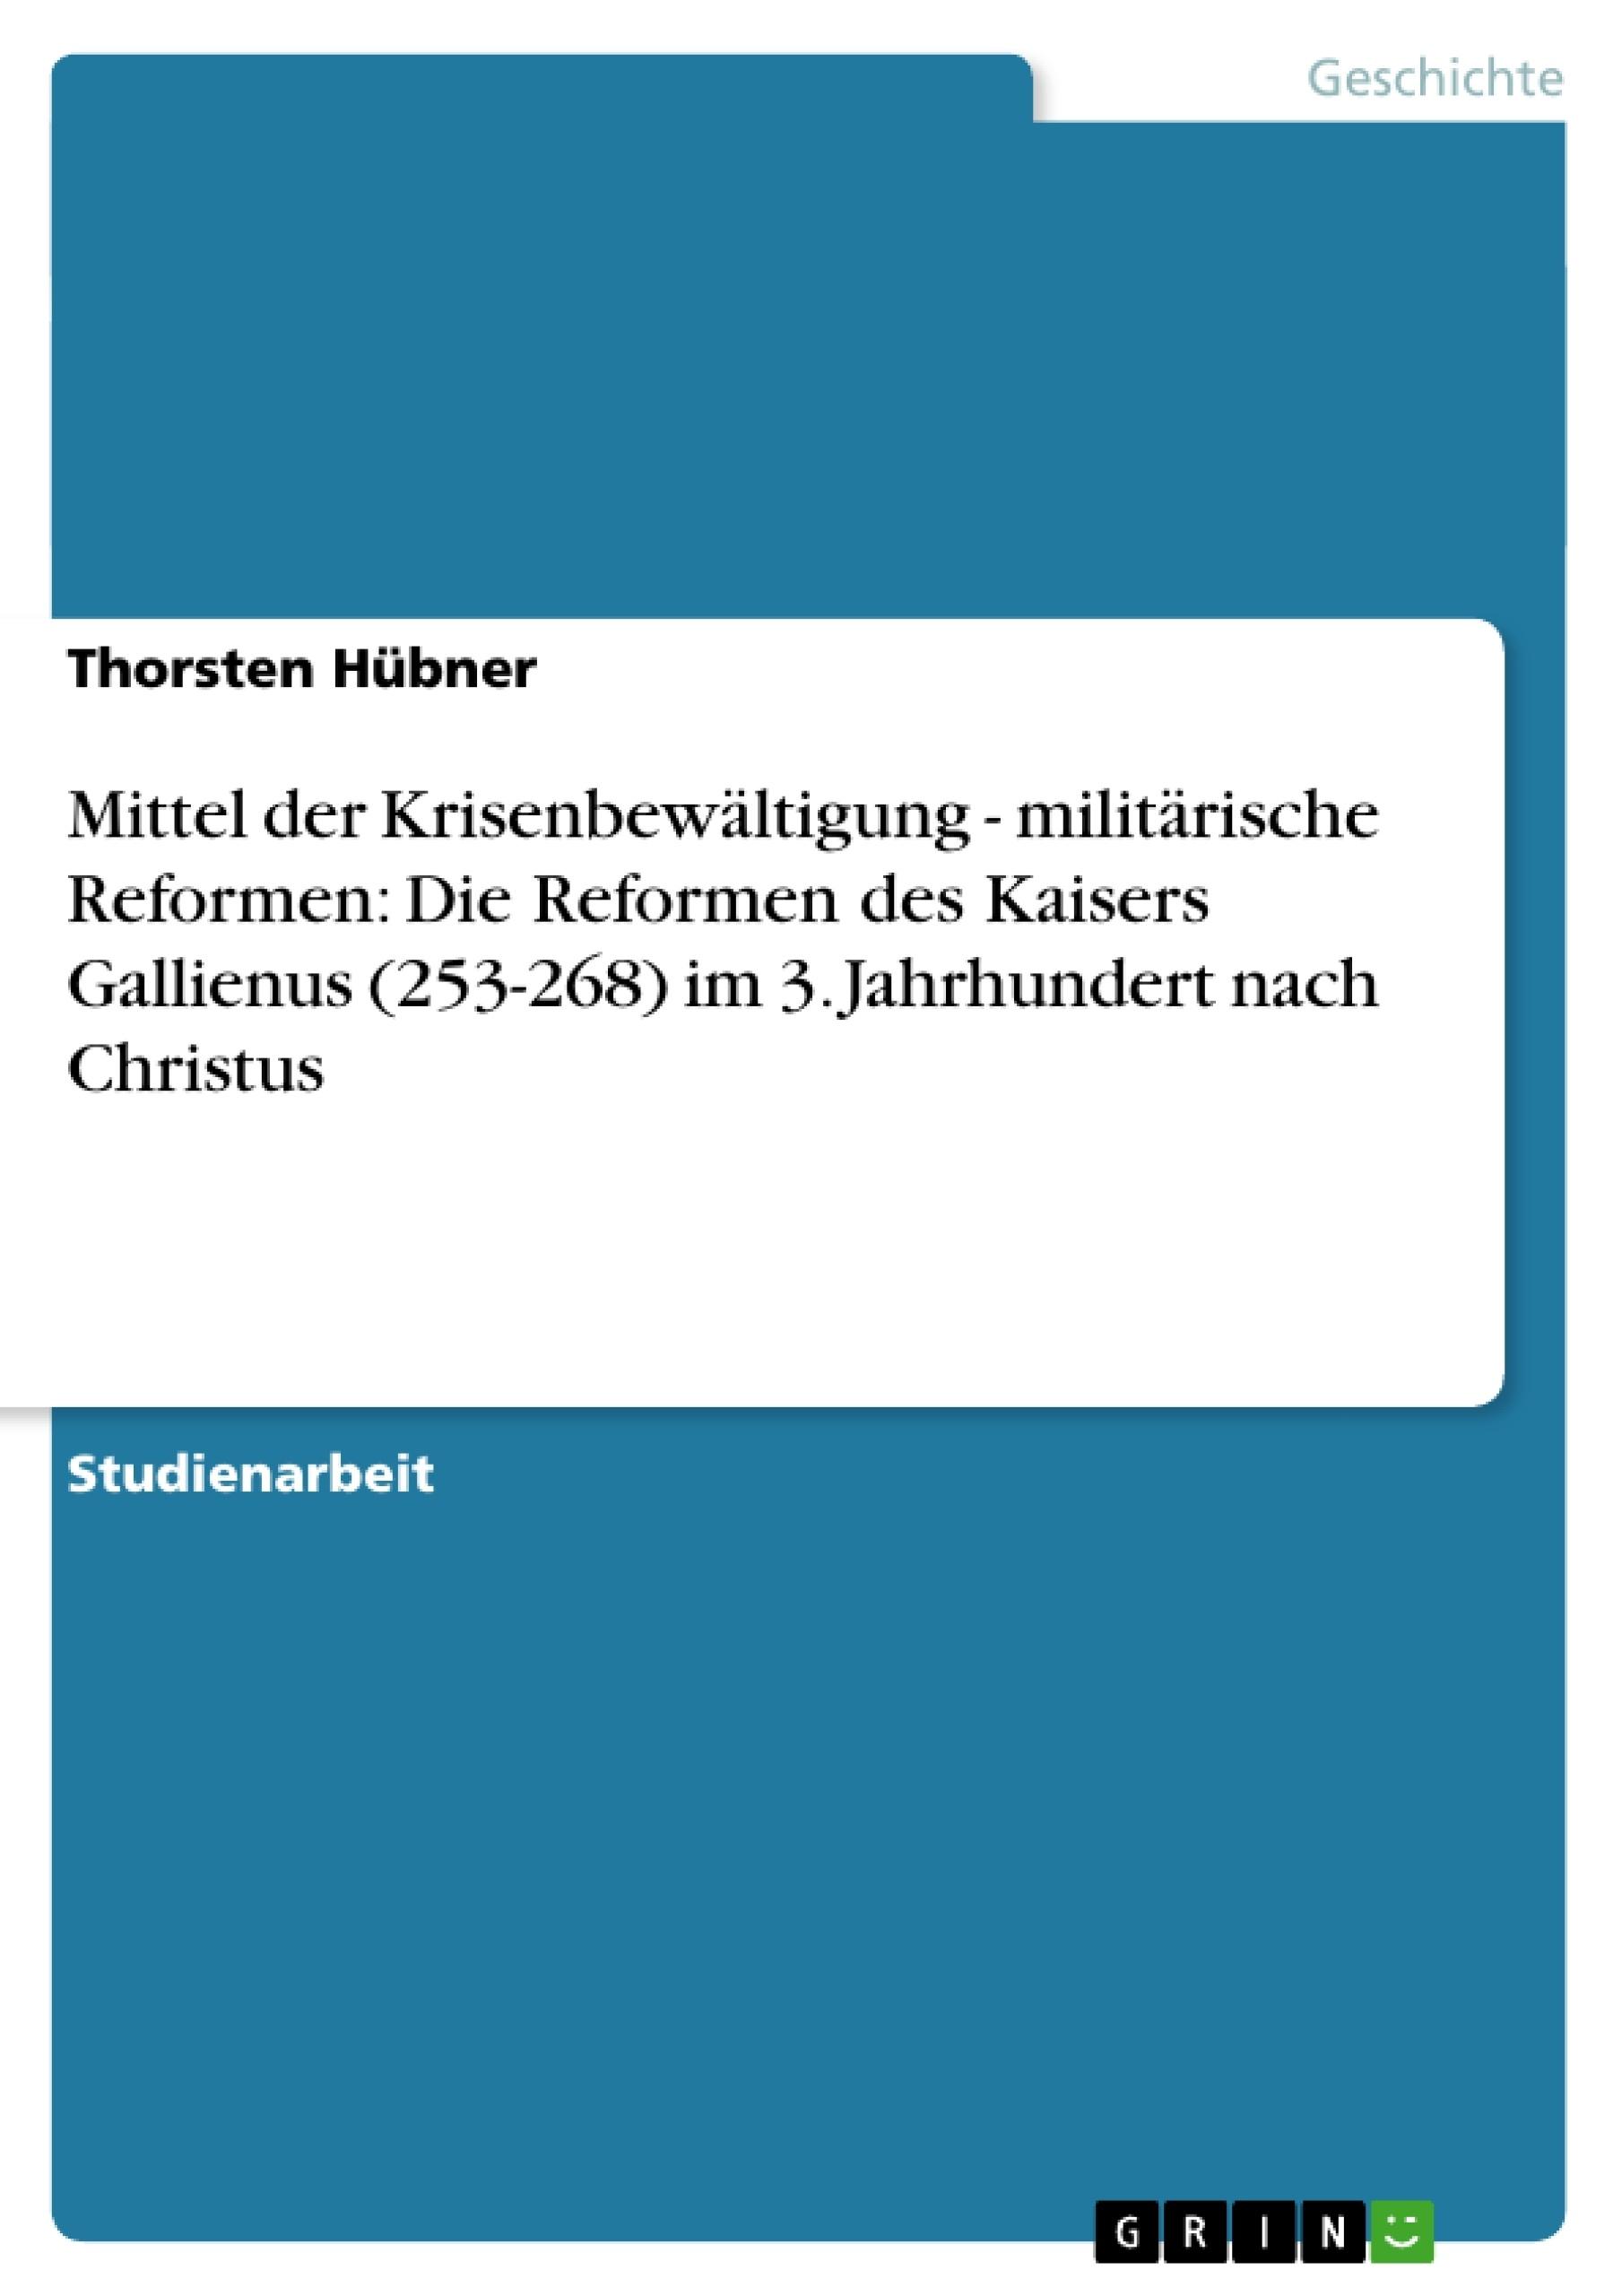 Titel: Mittel der Krisenbewältigung - militärische Reformen: Die Reformen des Kaisers Gallienus (253-268) im 3. Jahrhundert nach Christus